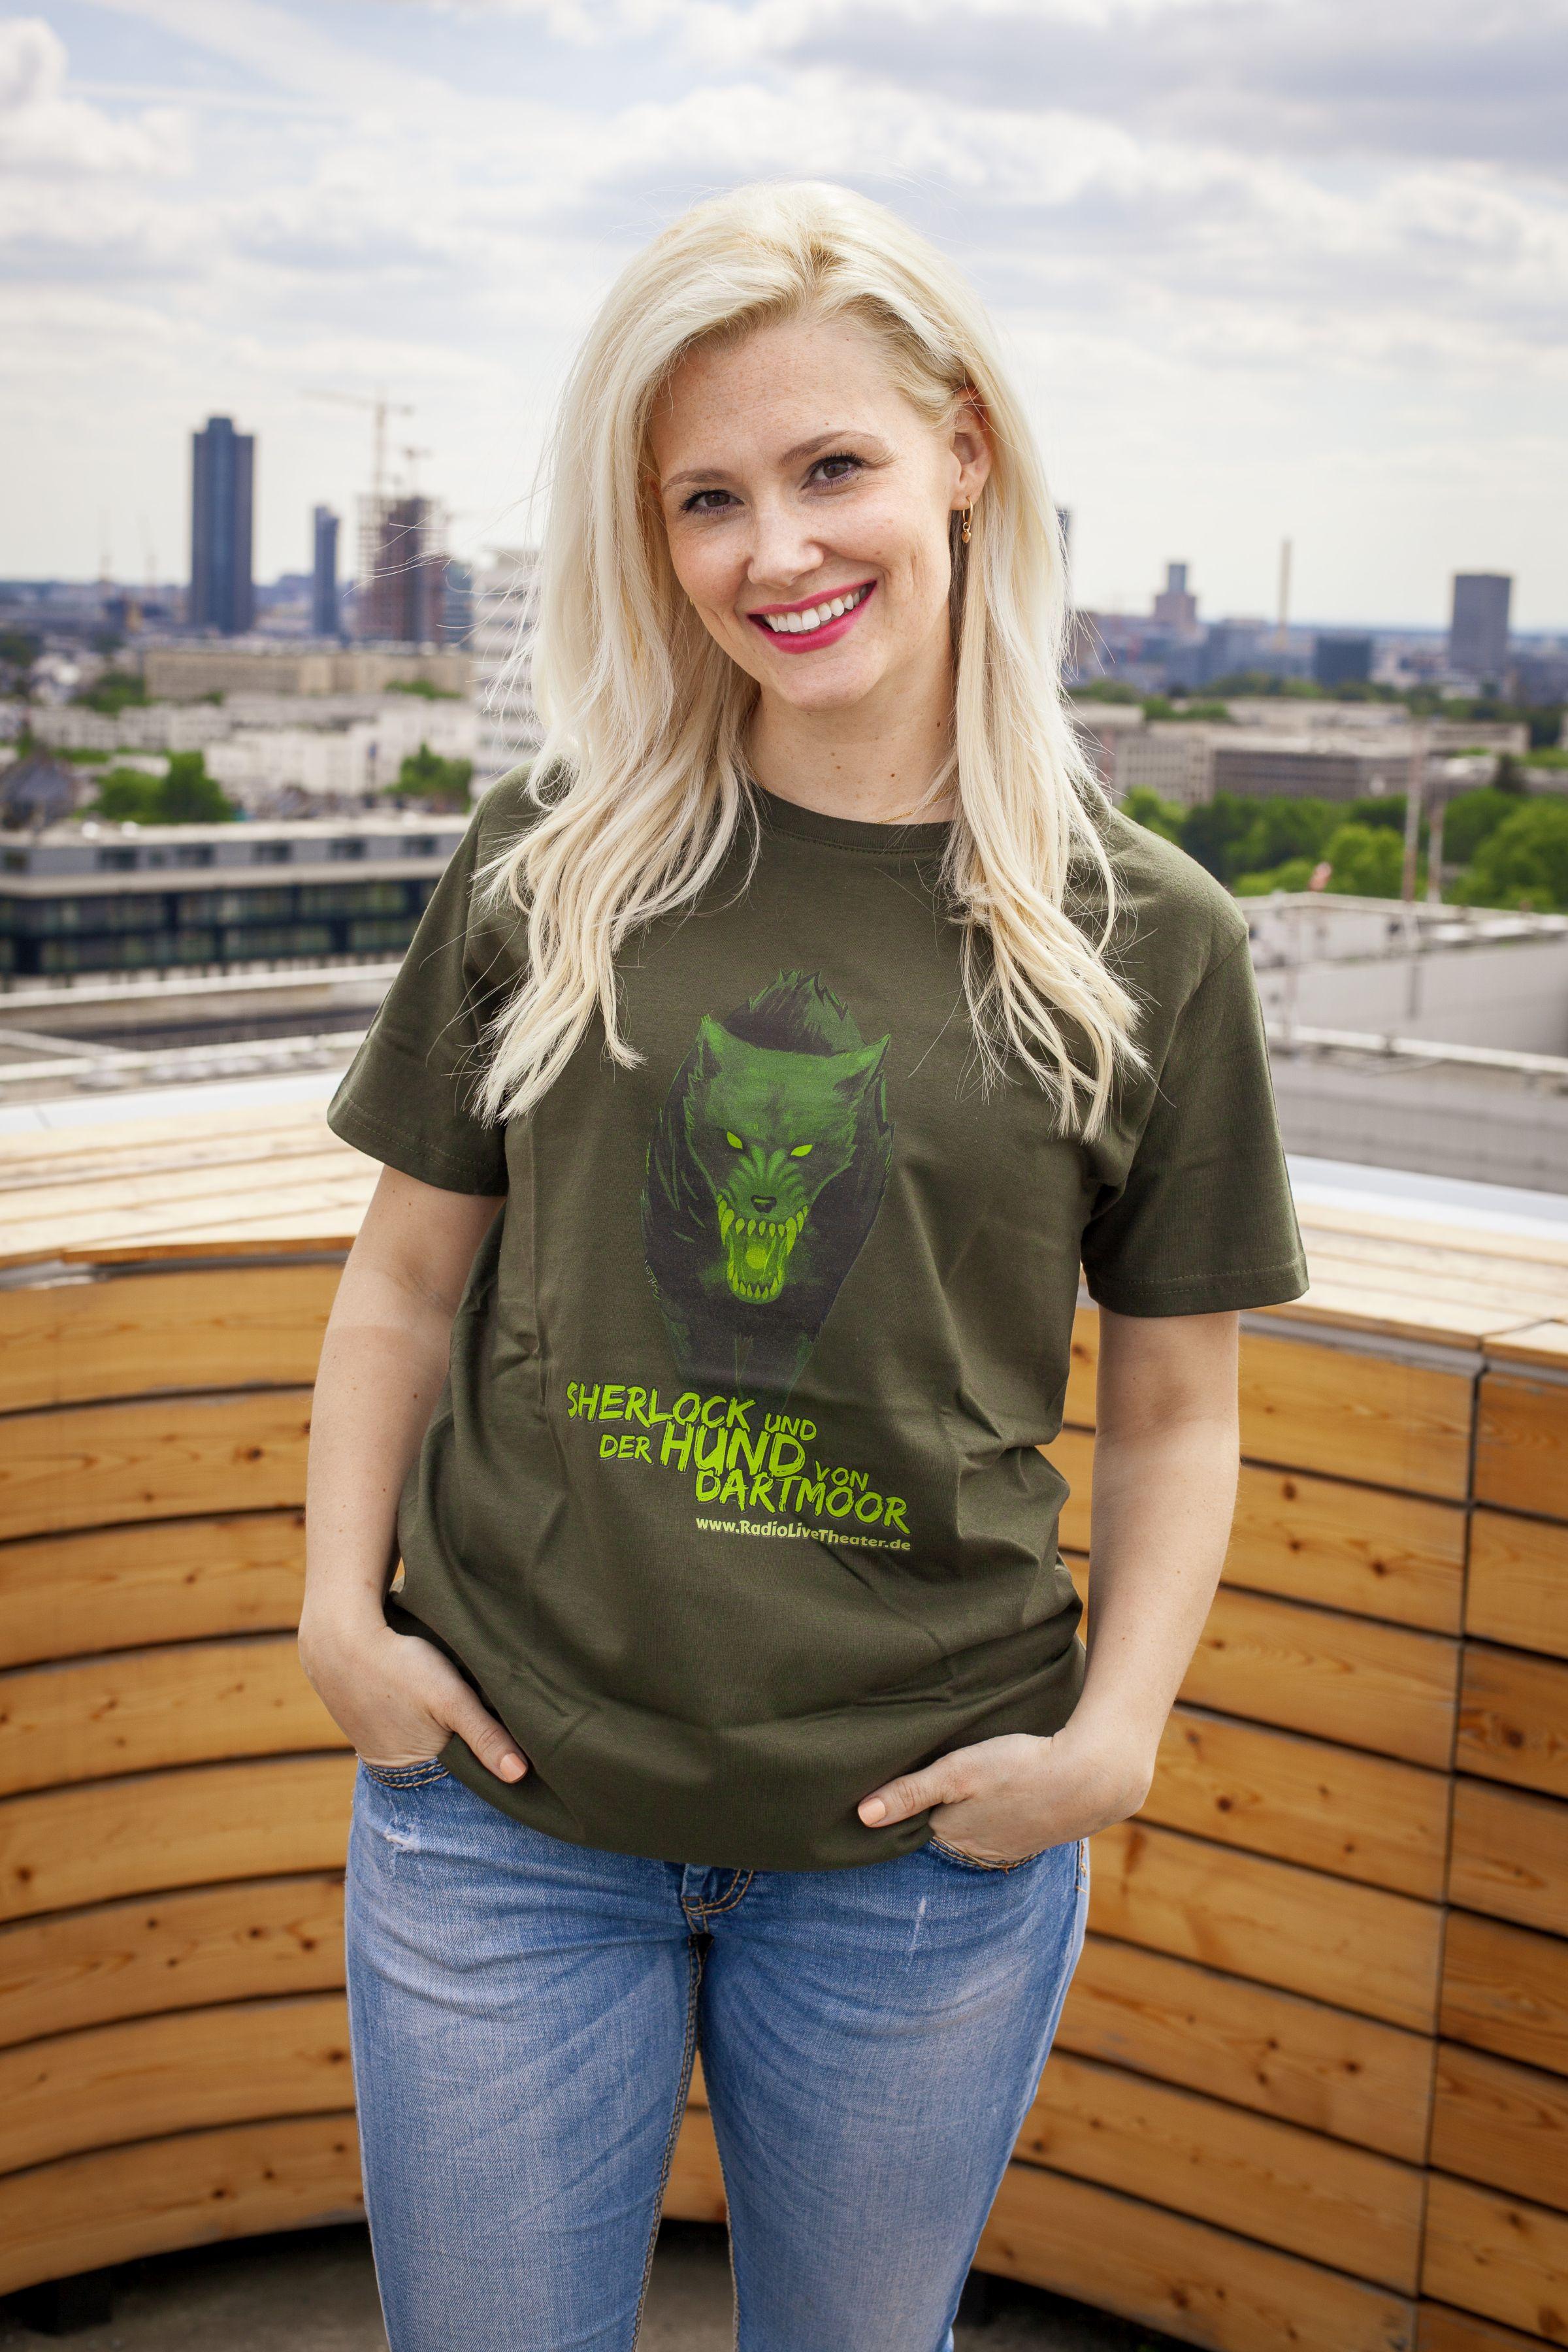 Sherlock und der Hund von Dartmoor - T-Shirt (XL)